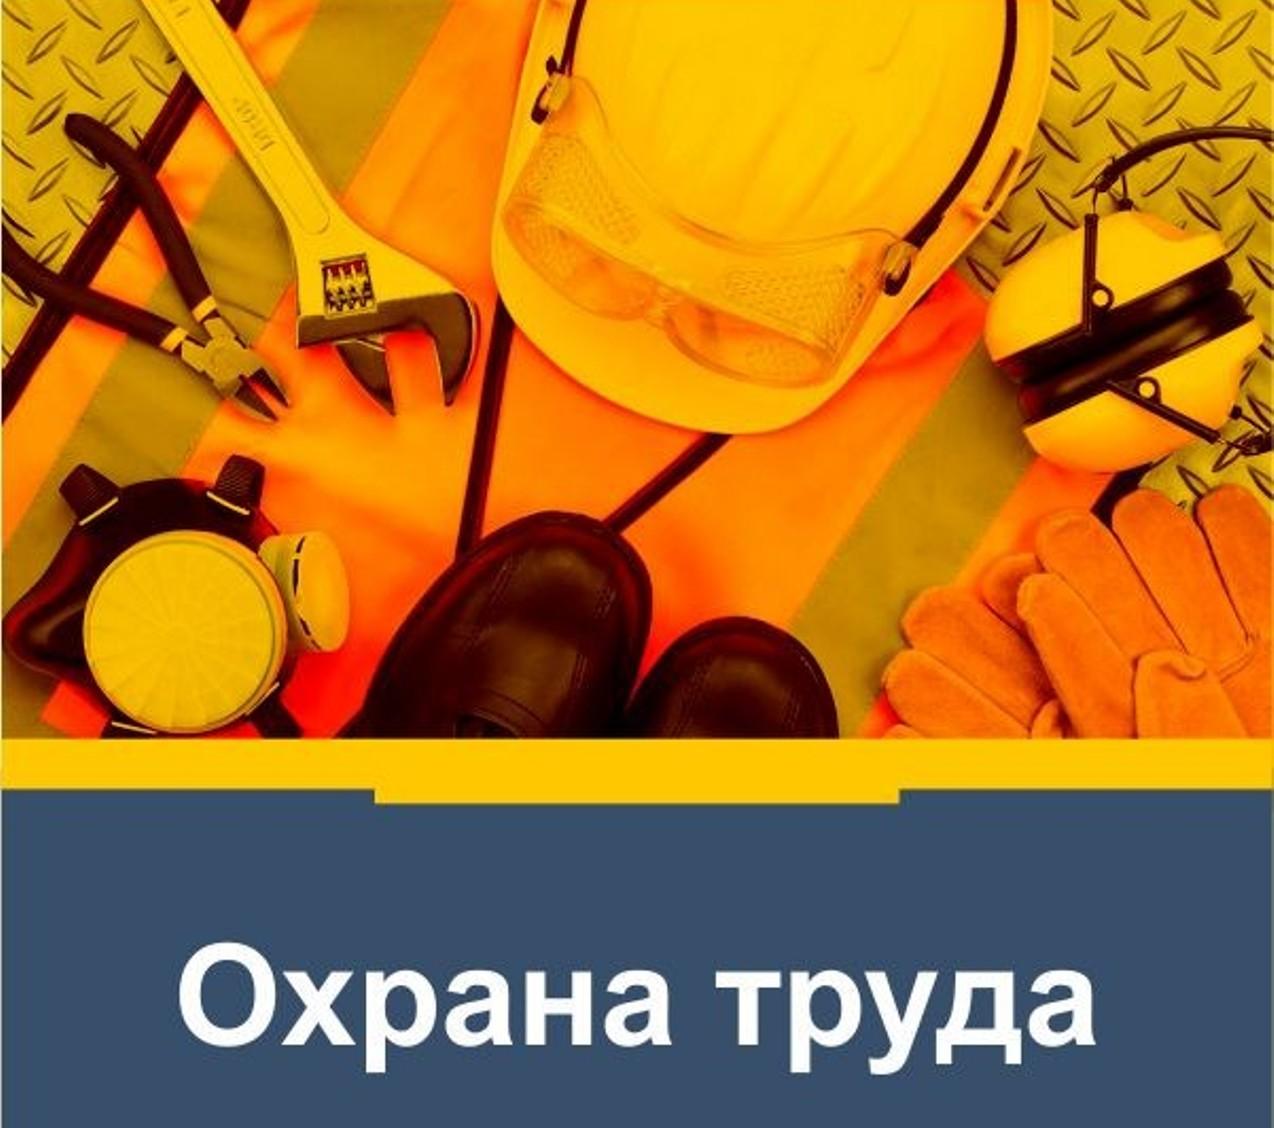 """Обучение по охране труда в городе Рыбинске, очно или дистанционно, учебный центр """"Ракурс"""""""